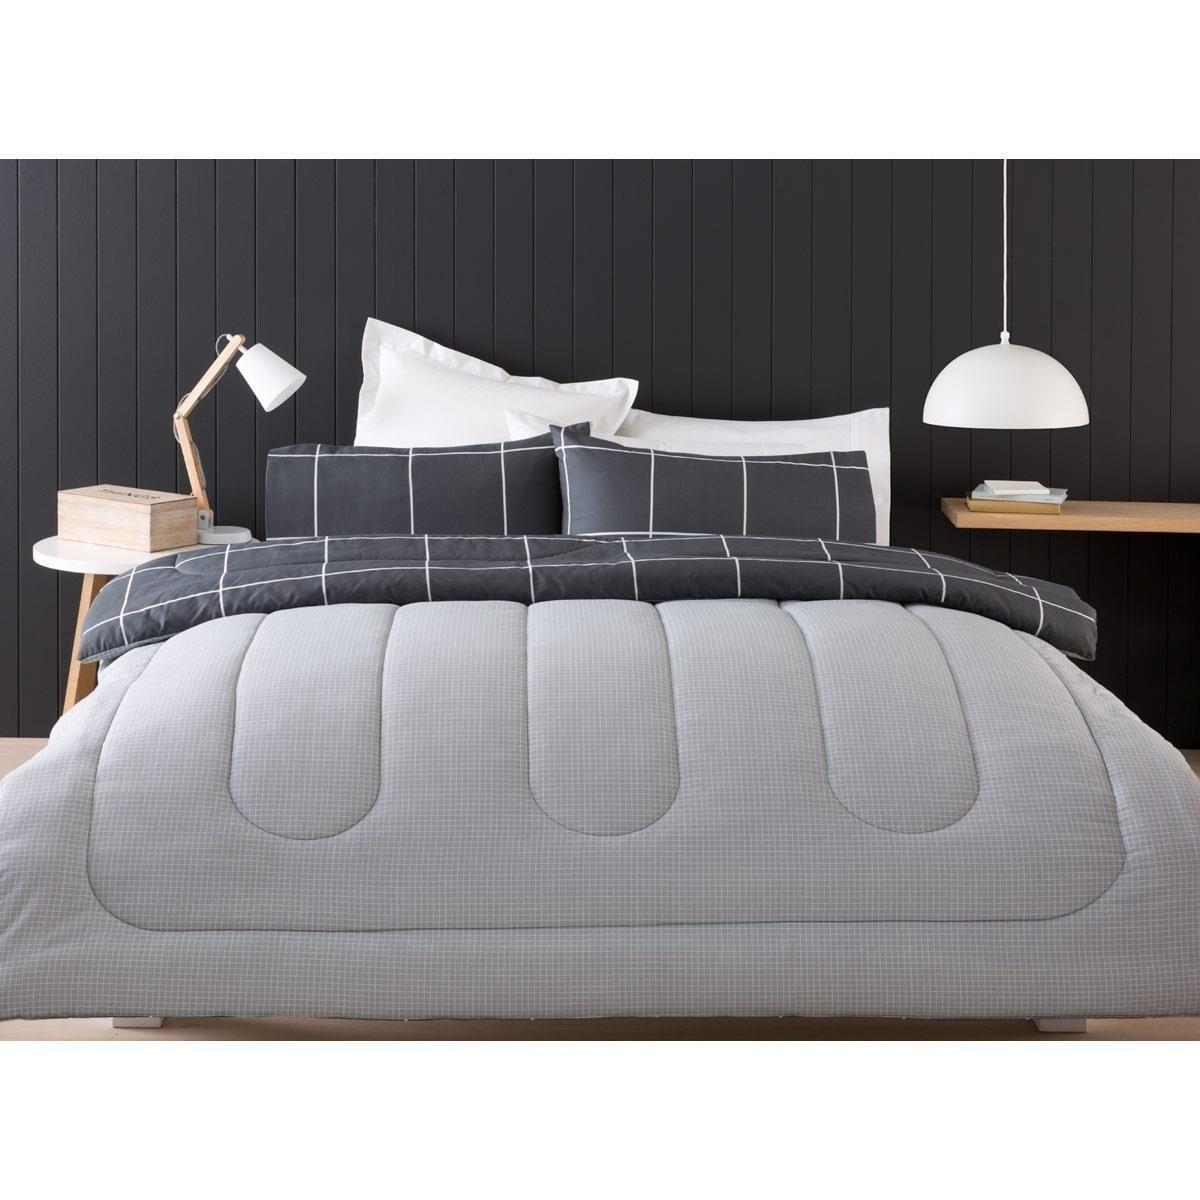 Graphite Comforter Set Queen Bed Kmart Queen Bed Sheets Bed Queen Beds